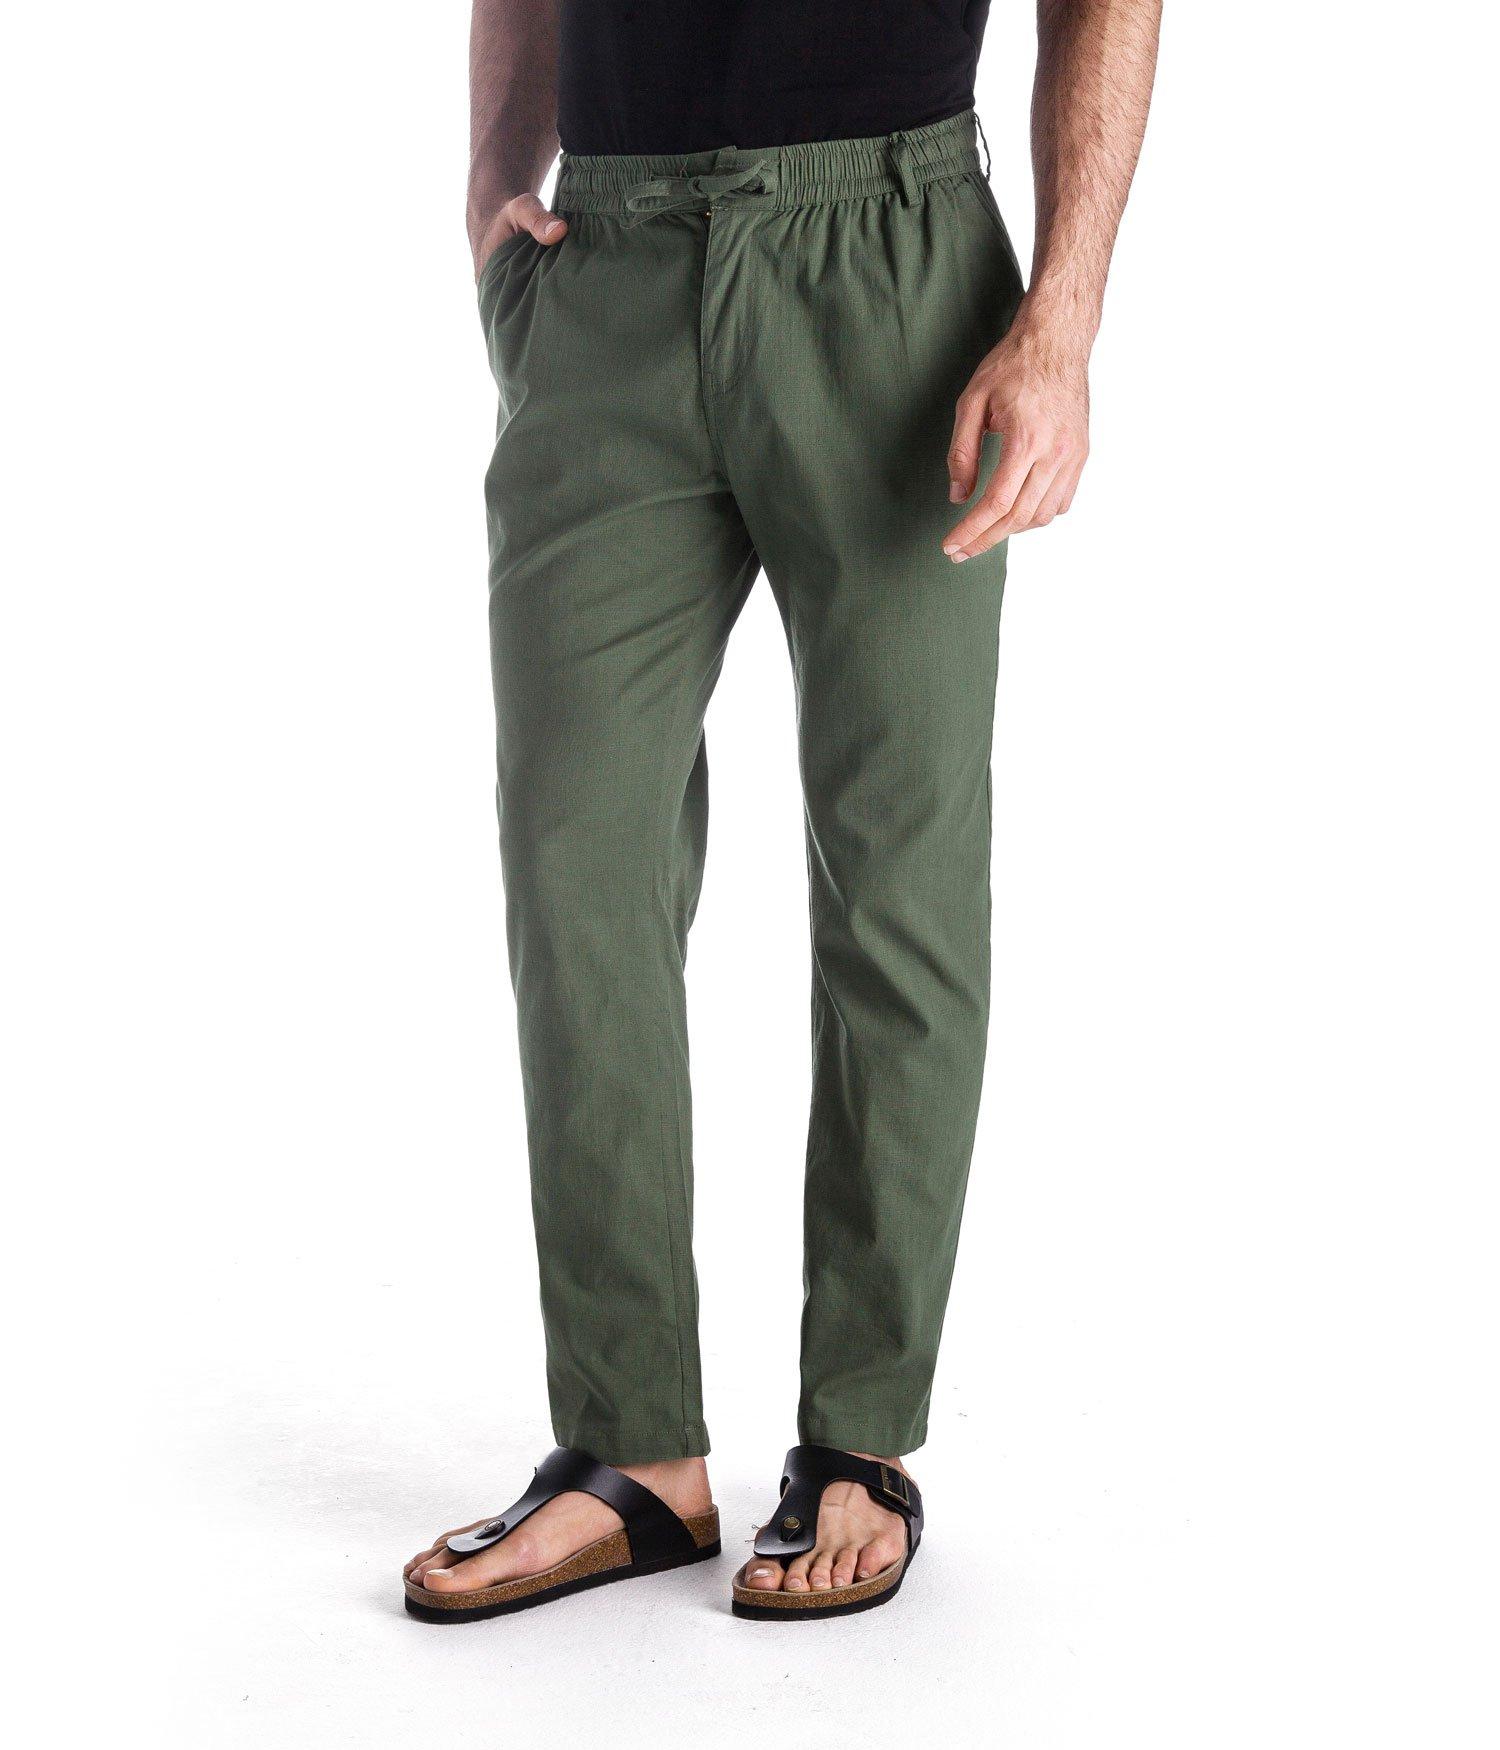 MUSE FATH Men's Linen Drawstring Casual Beach Pants-Lightweight Summer Trousers-Green-XL